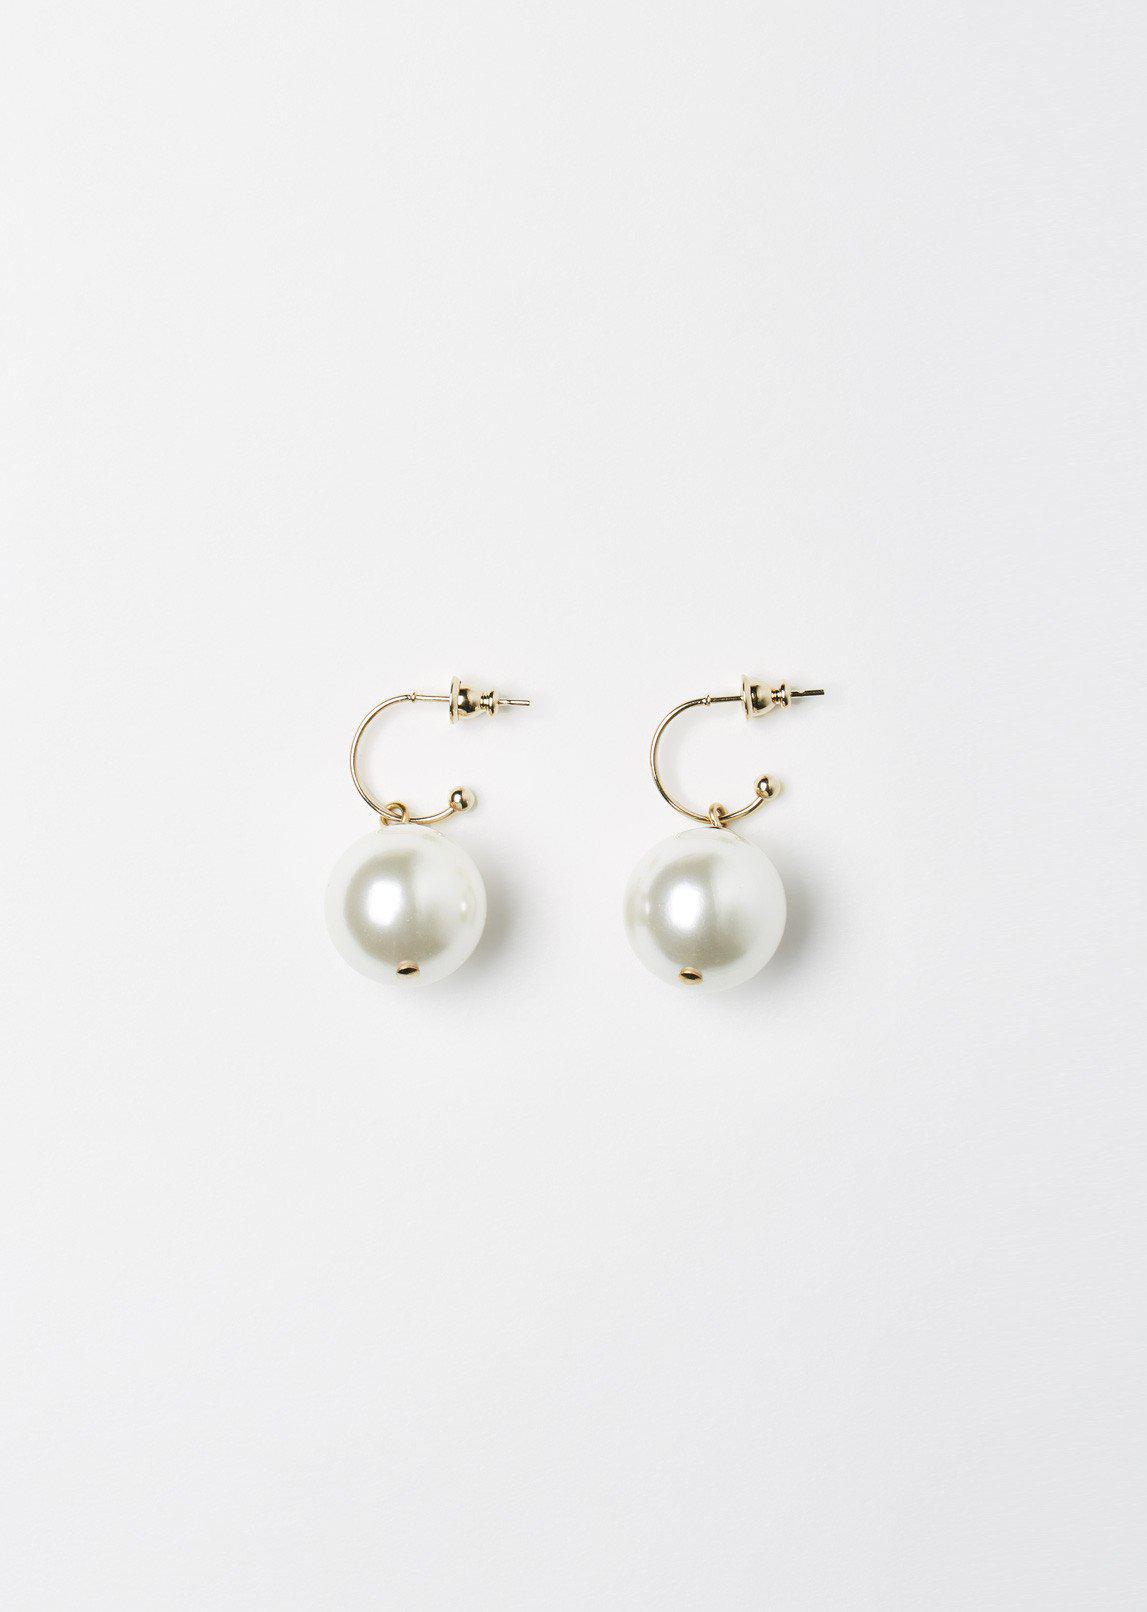 Simone Rocha Little Gold Drop Earring in Pearl (Metallic)